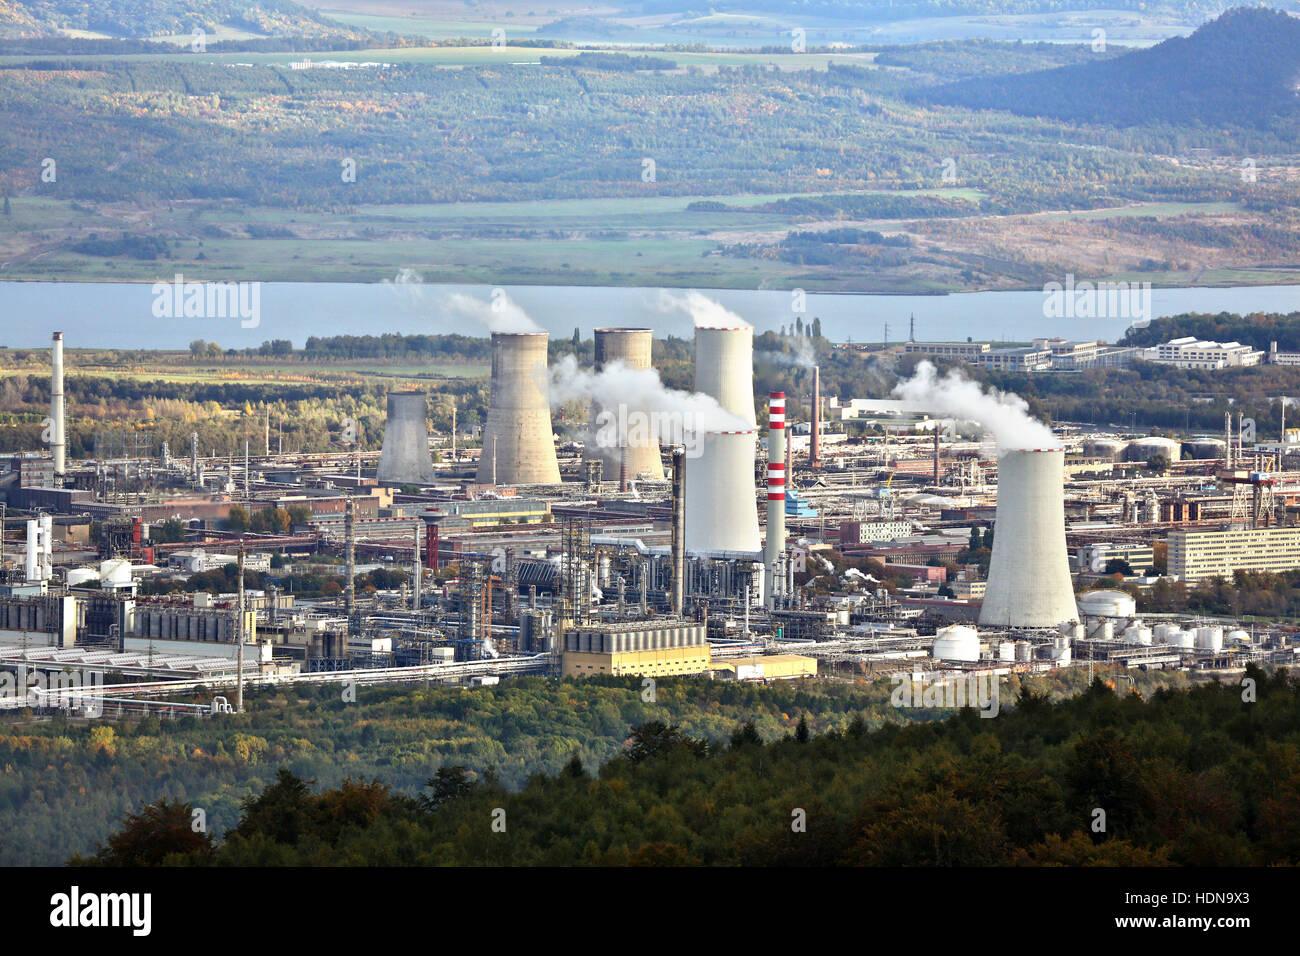 Industrie In Tschechien